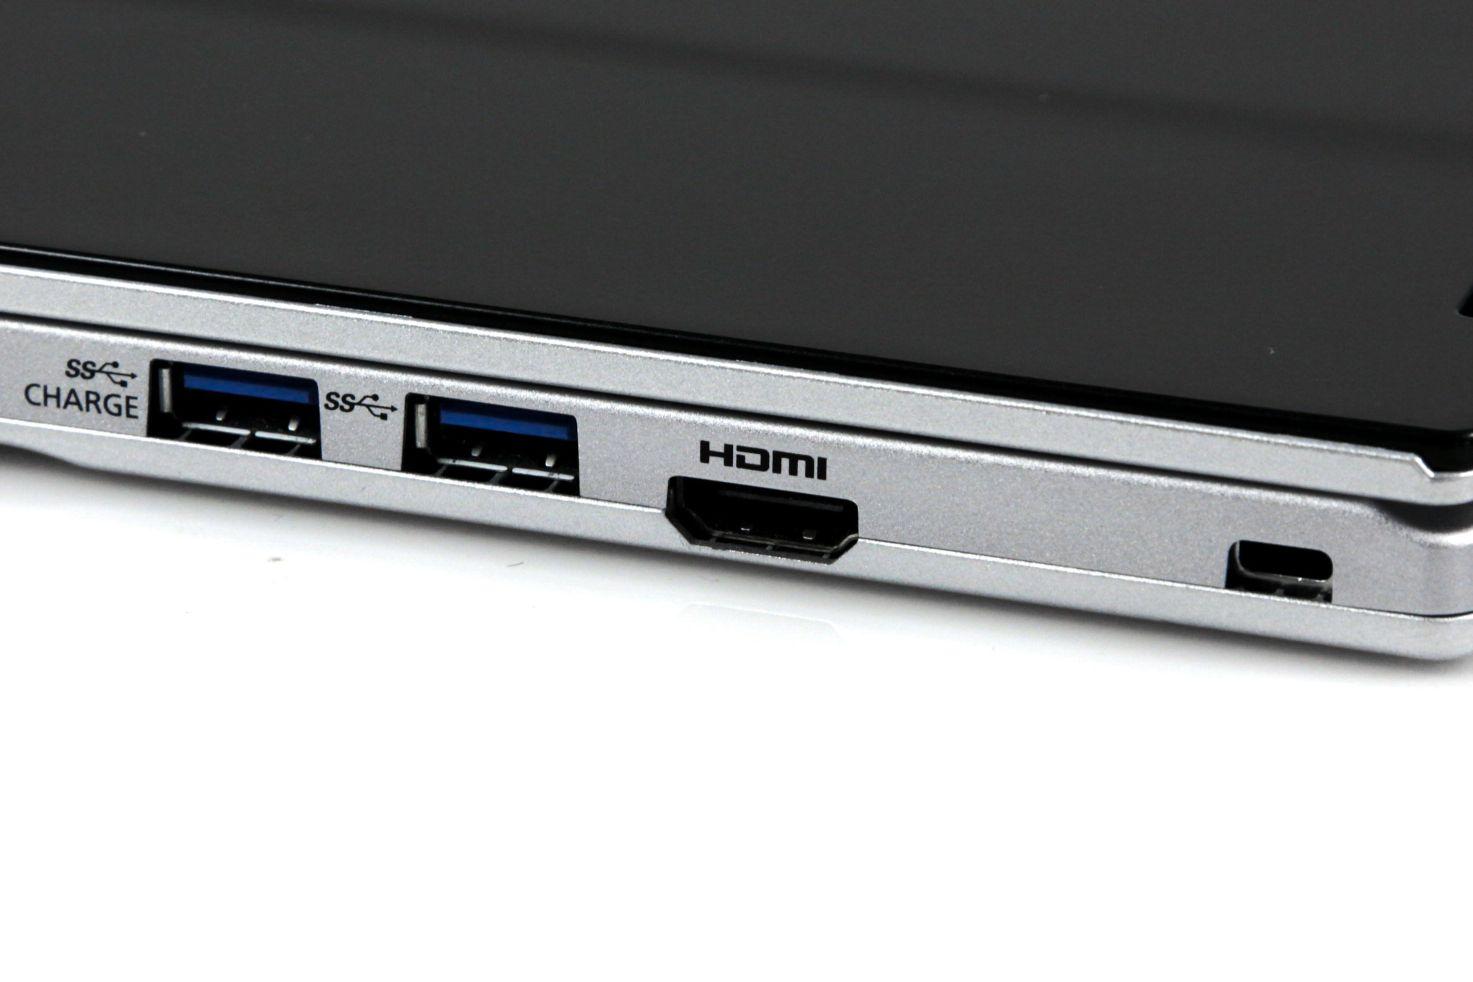 CF-AX2 im Test: Dünnes Toughbook mit Notfallakku und nerviger Tastatur - Die rechte Seite hat einen BC- und einen normalen USB-3-Anschluss sowie den HDMI-Ausgang. (Foto: Nina Sebayang/Golem.de)